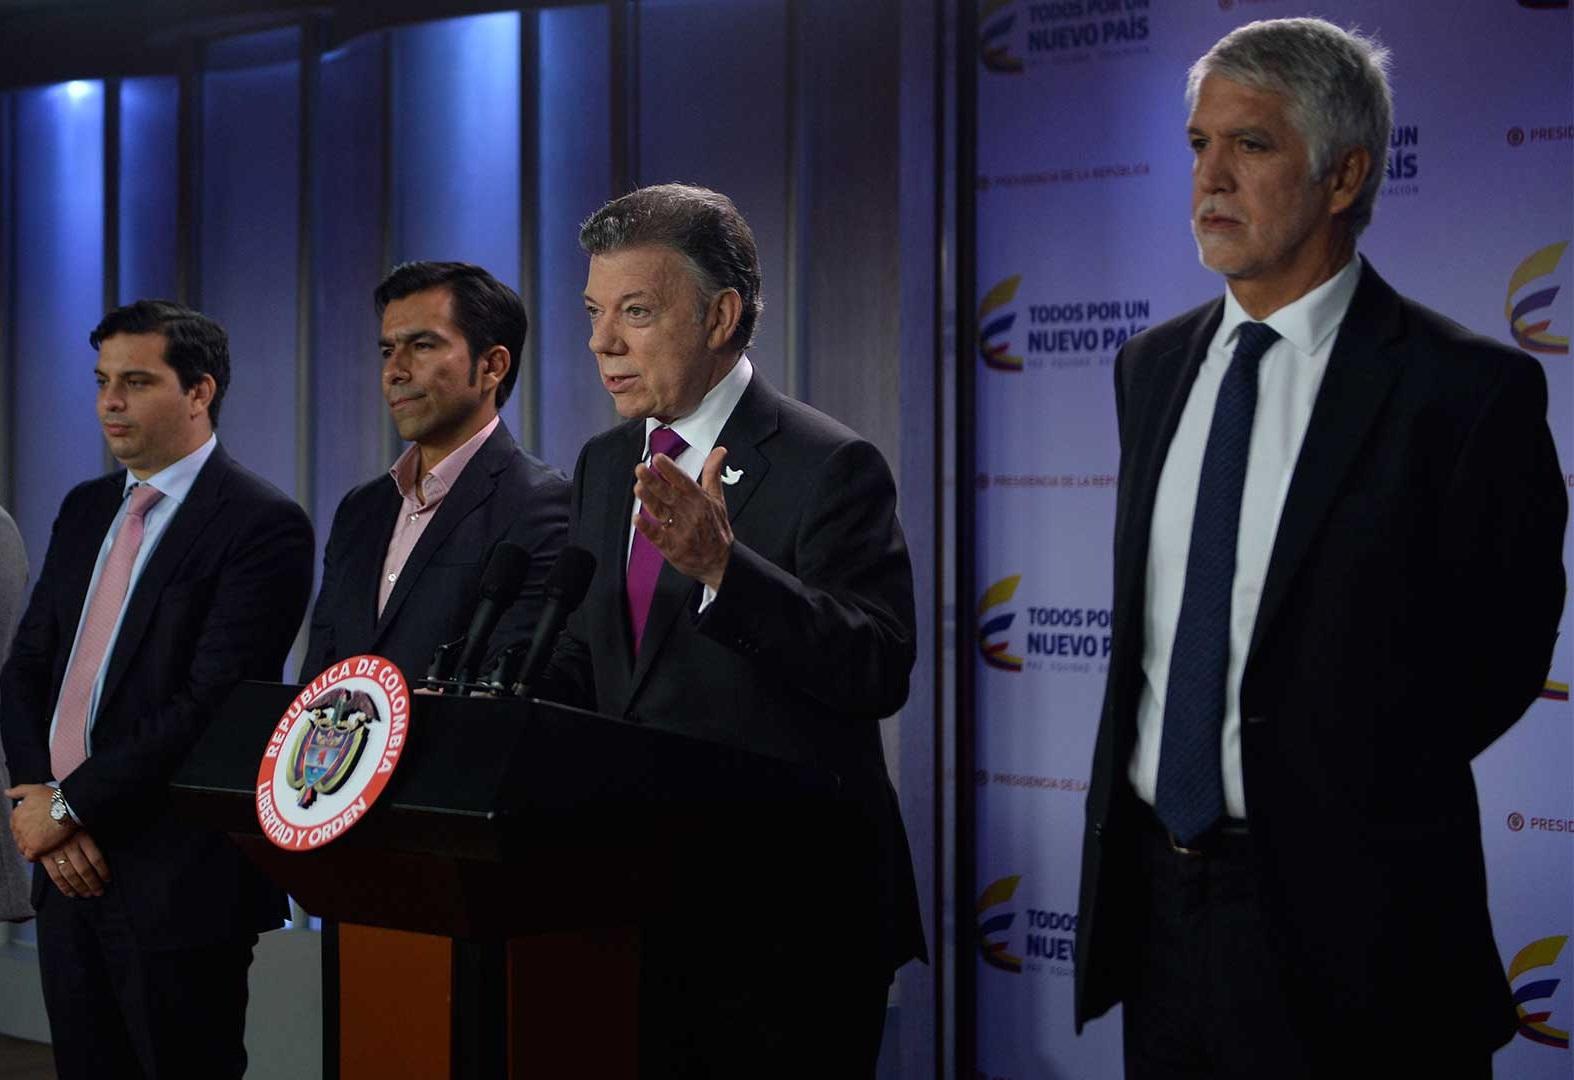 El Presidente Santos, acompañado por el Alcalde de Bogotá, Enrique Peñalosa; el Gobernador de Cundinamarca, Jorge Emilio Rey; y el Director de Planeación Nacional, Simón Gaviria,  anunció un espaldarazo al Metro capitalino.